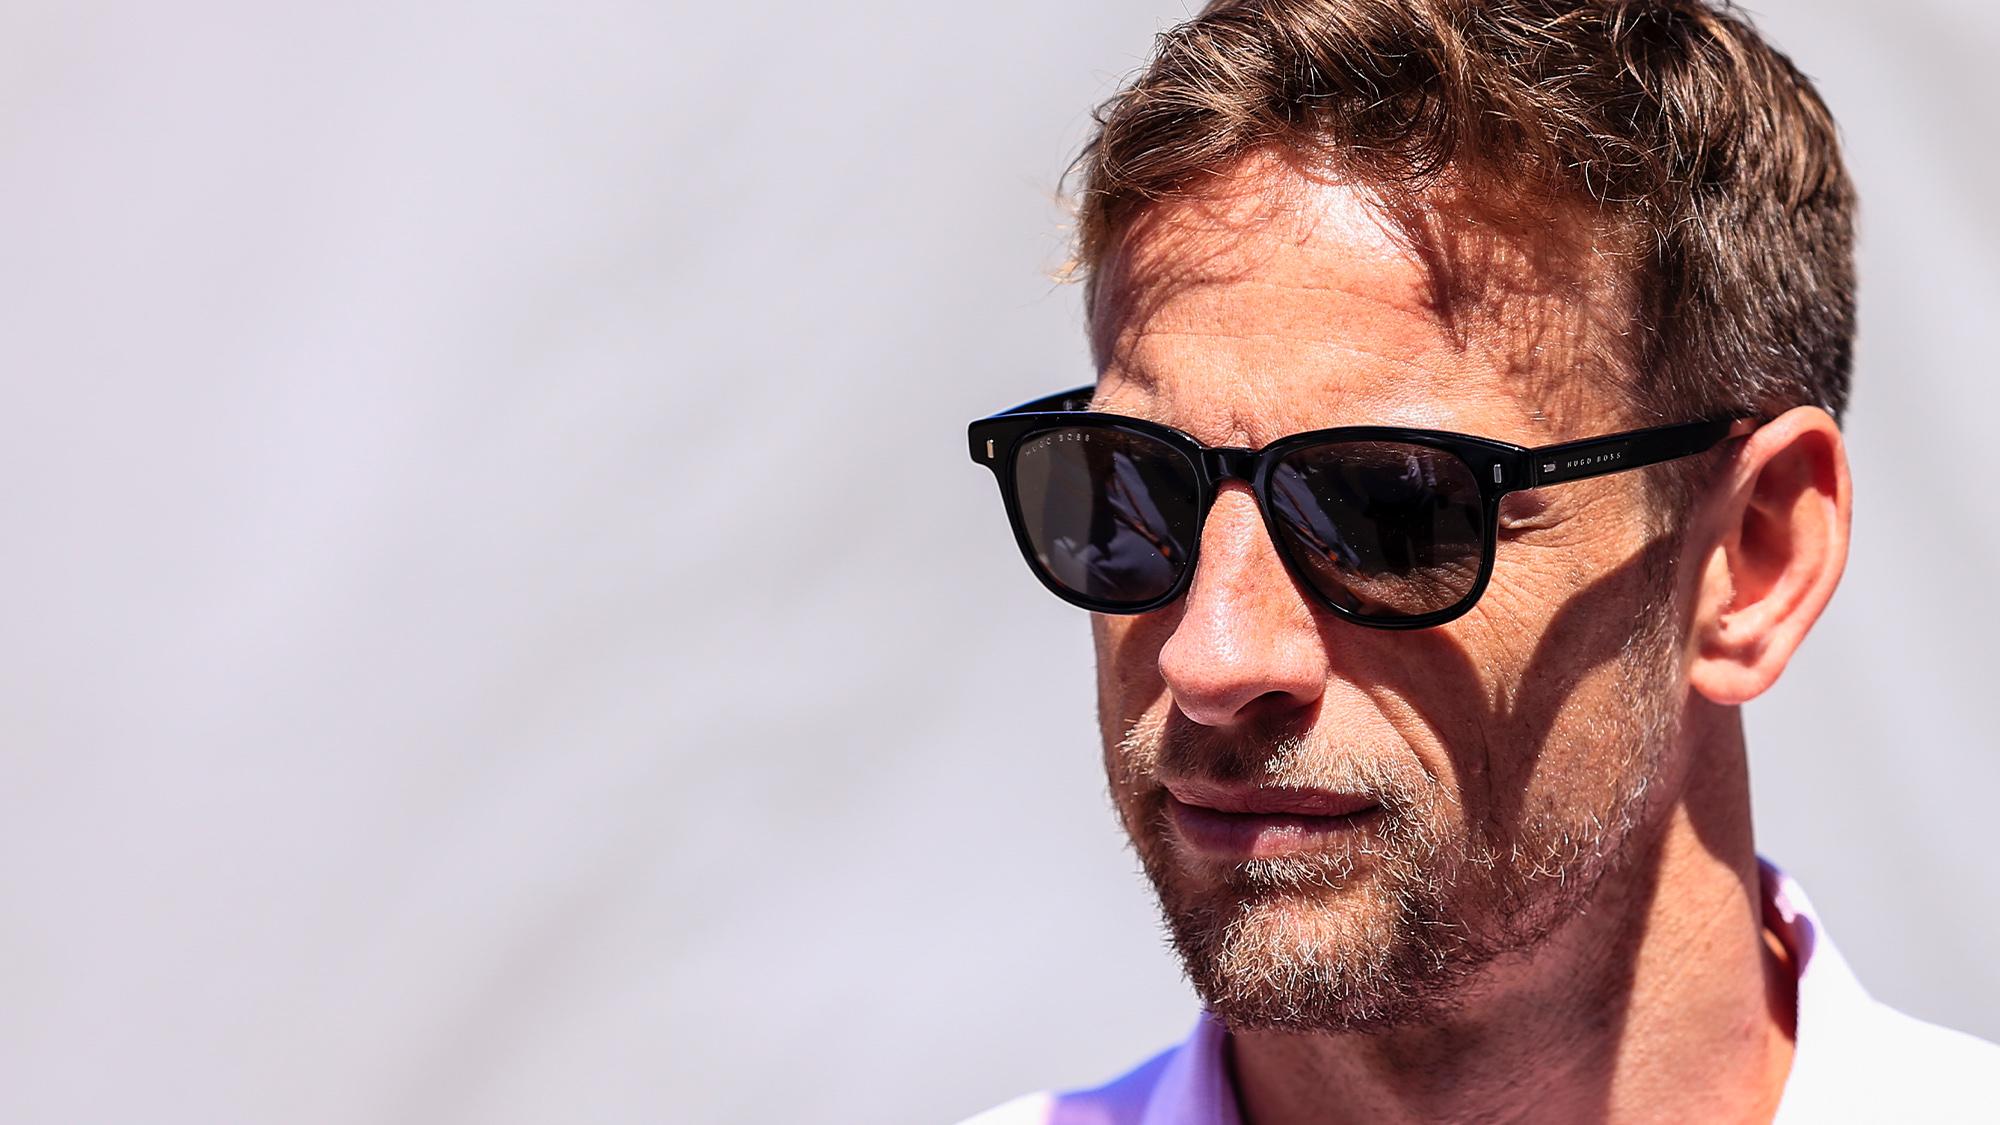 Jenson Button portrait